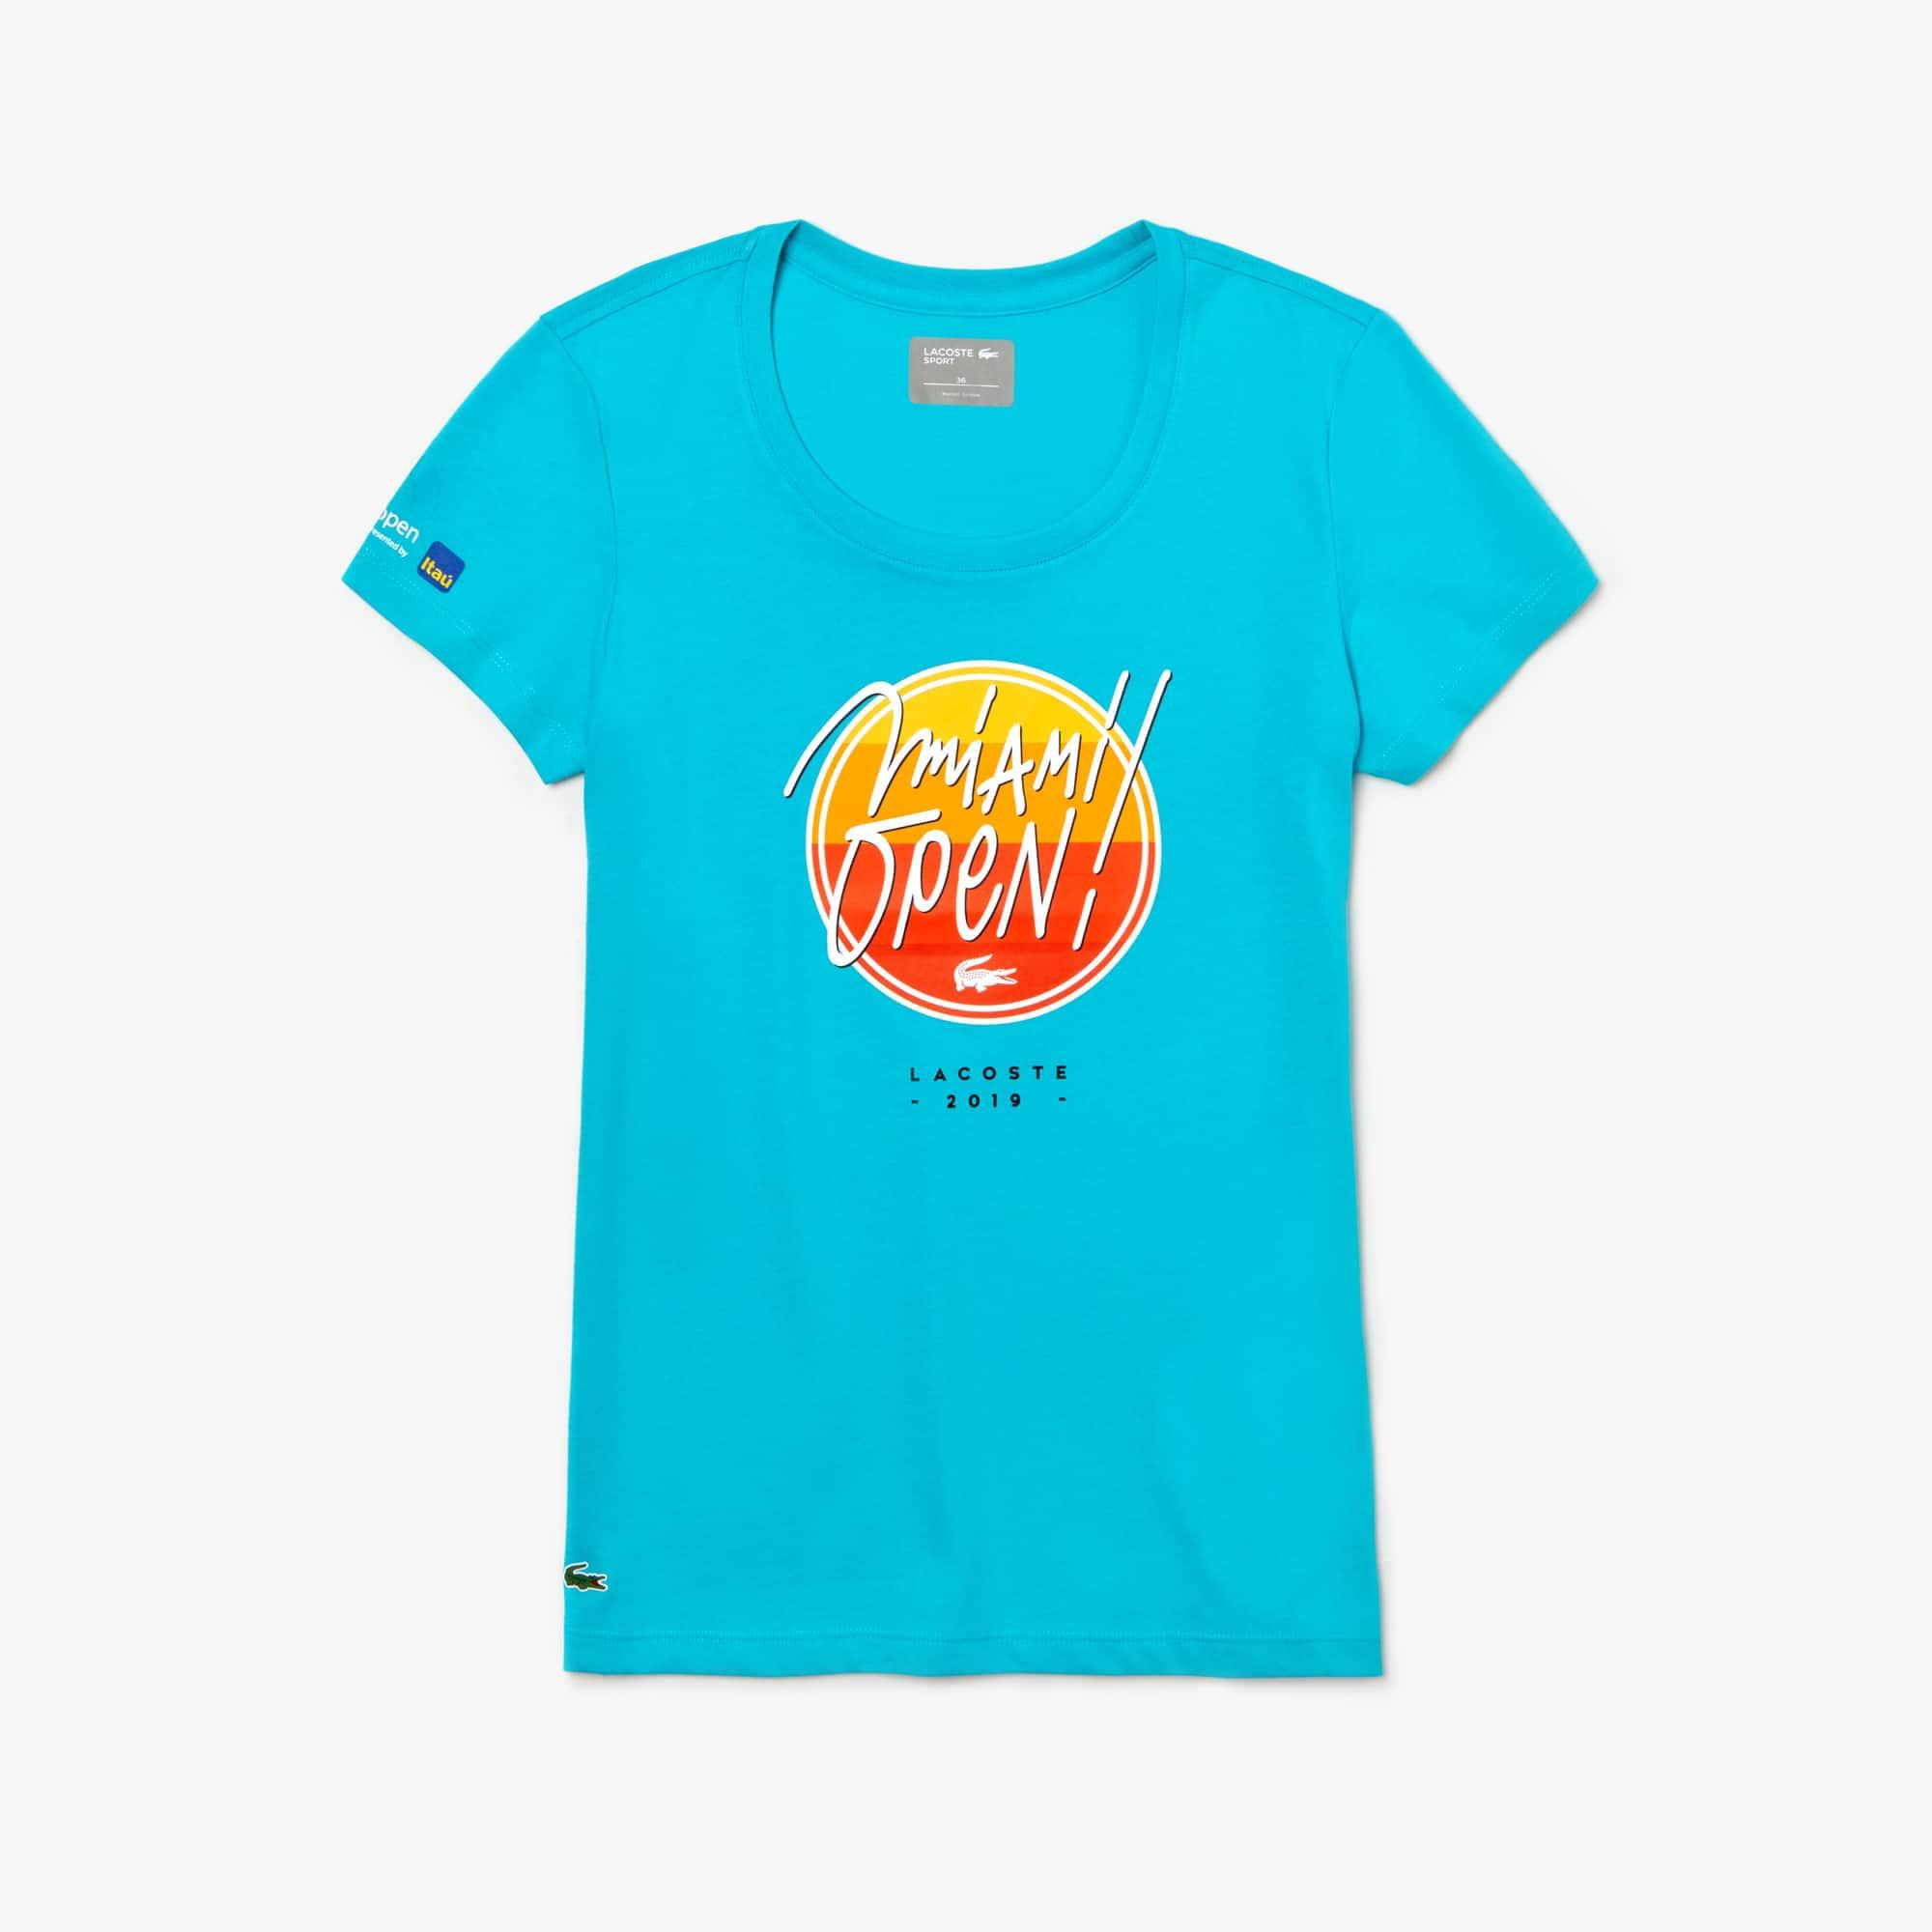 라코스테 우먼 스포츠 테니스 반팔 티셔츠, 마이애미 오픈 에디션 Lacoste Womens SPORT Miami Open Edition T-shirt,Turquoise